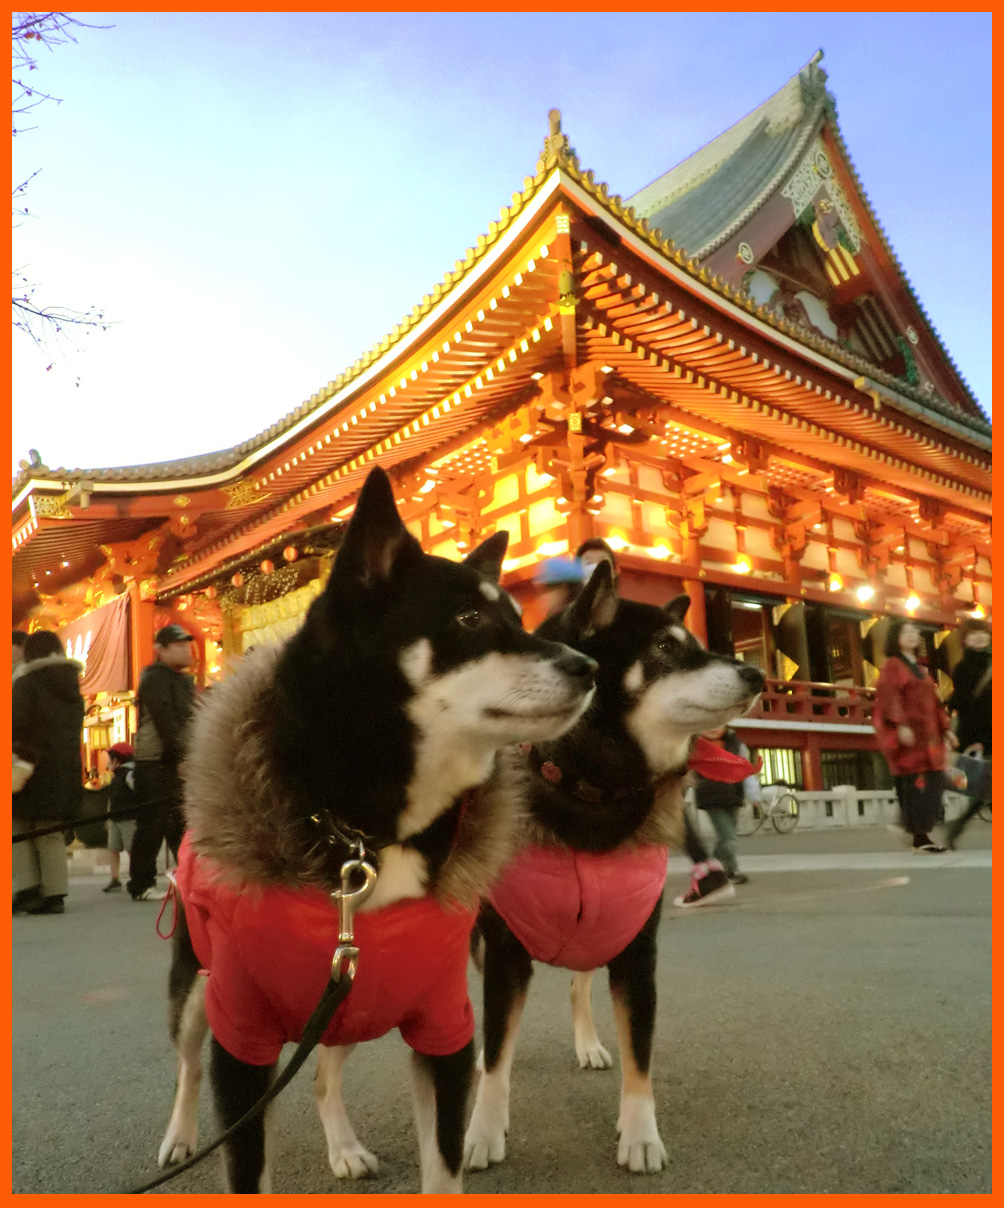 浅草寺・羽子板市へ。綺麗な姫様羽子板見たよ。_e0236072_1932405.jpg